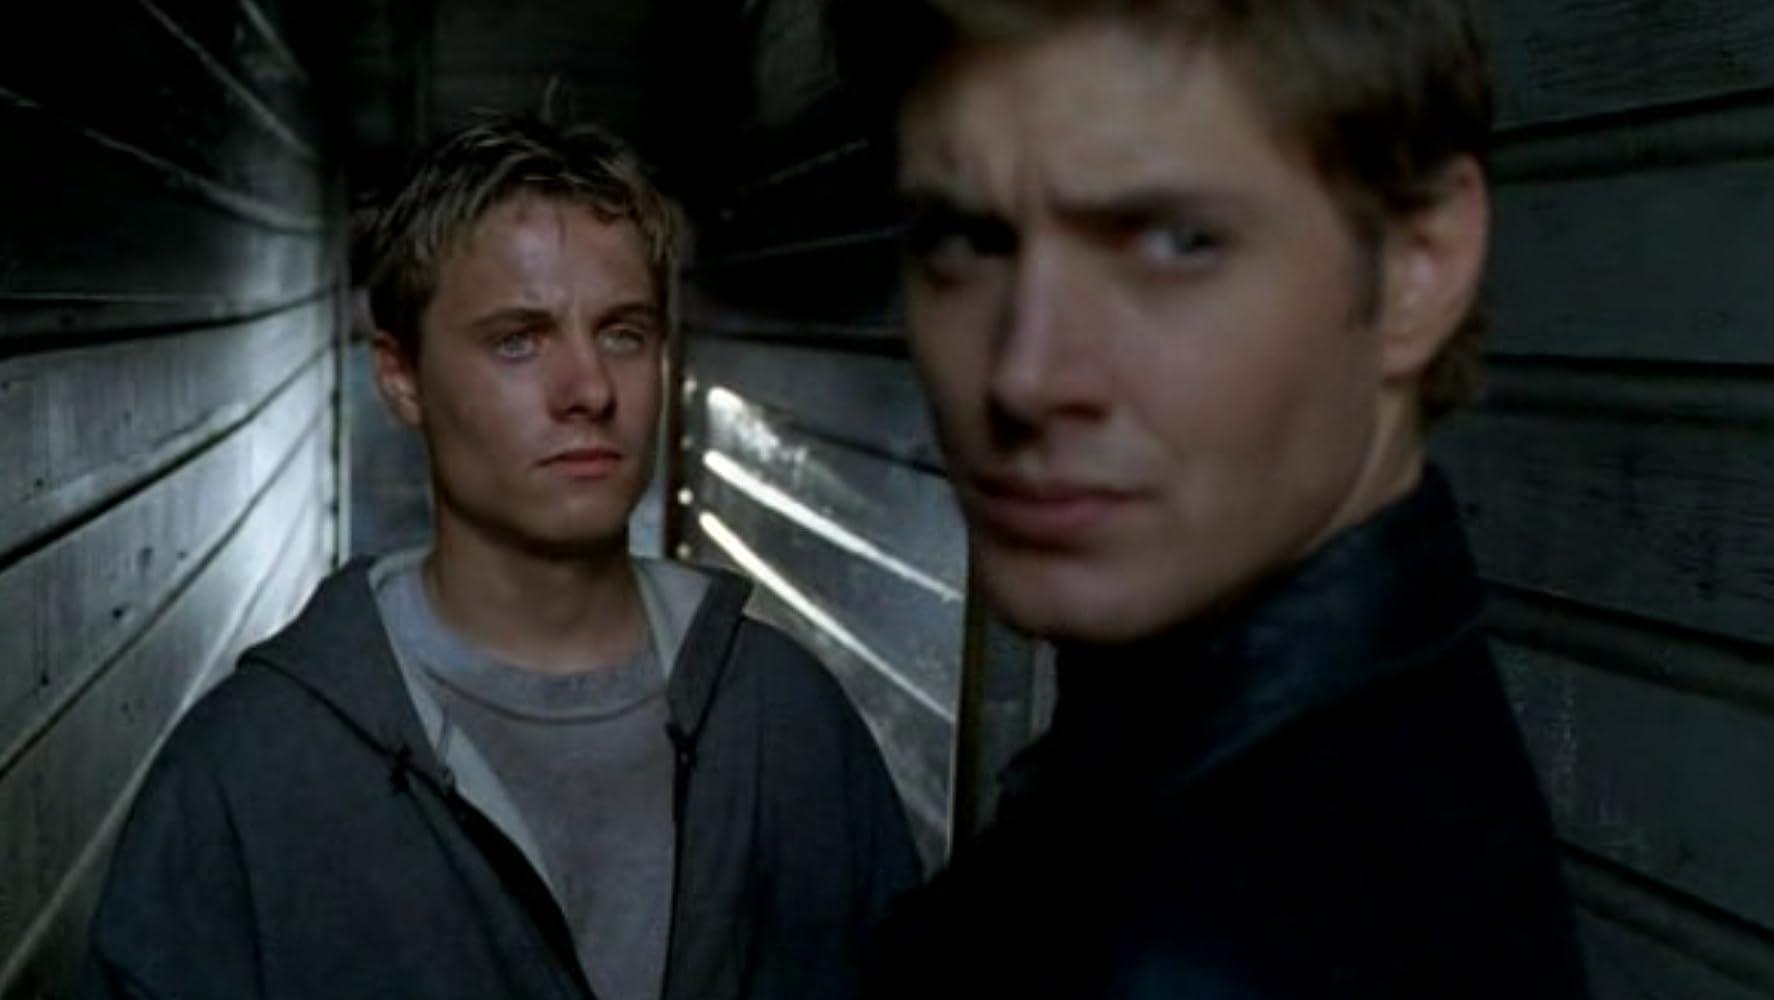 Jensen Ackles in Dark Angel (2000)